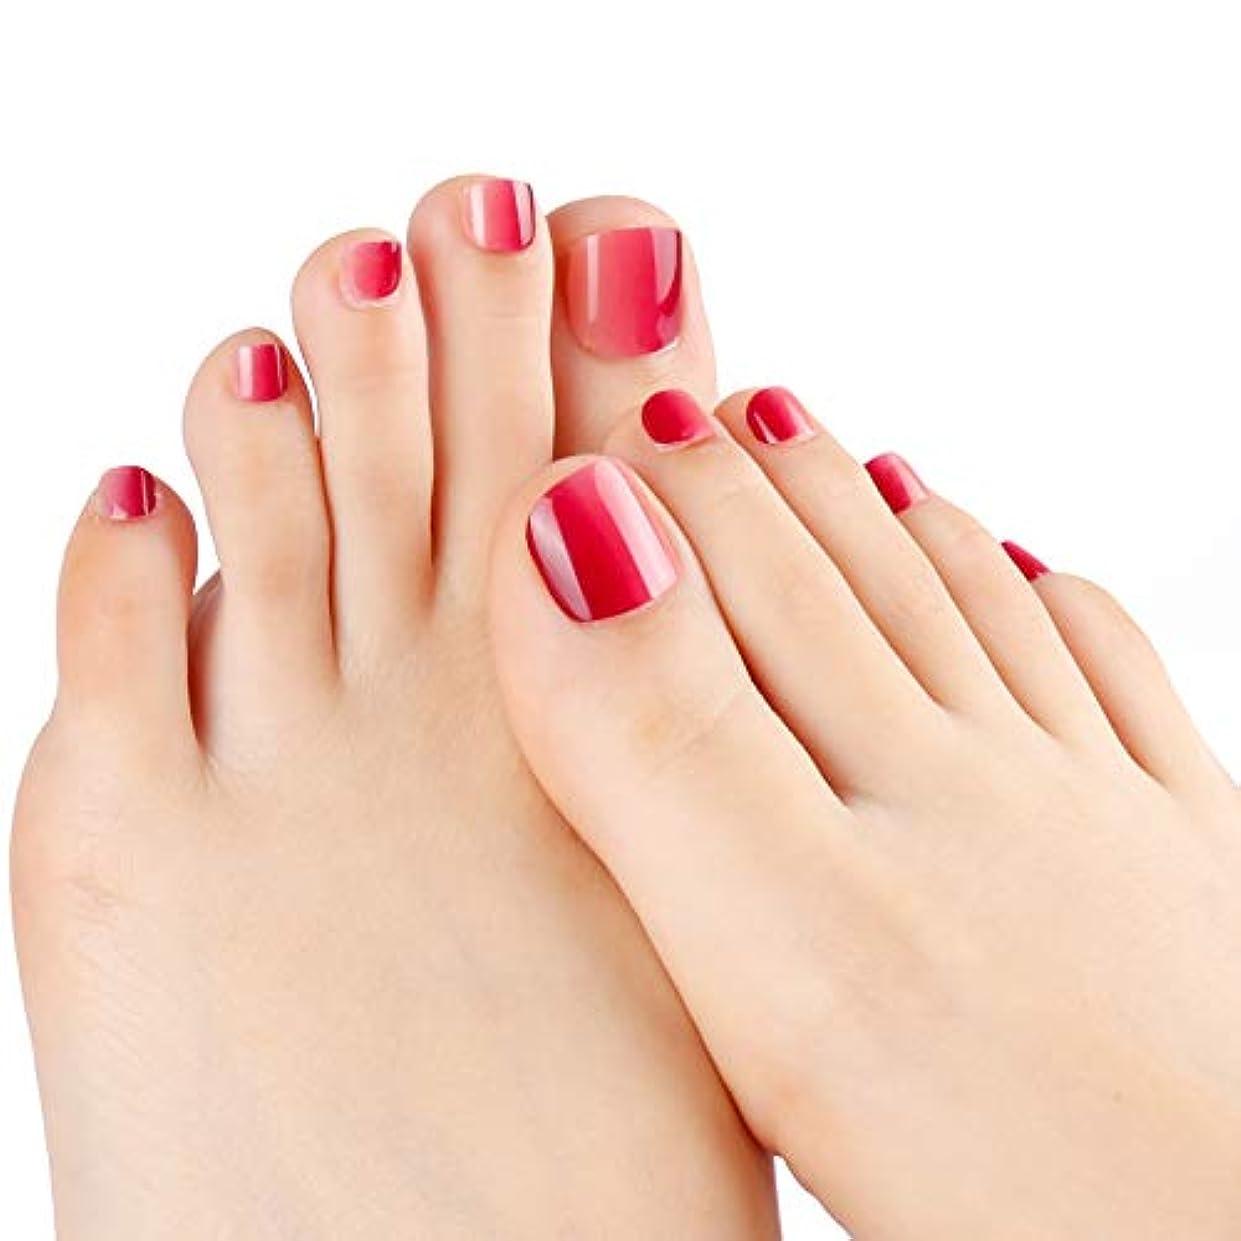 出発解決解き明かすネイルチップ 24枚 12別サイズ つや 足の爪 ピンク グラデーション 短い 四角形 フルカバー